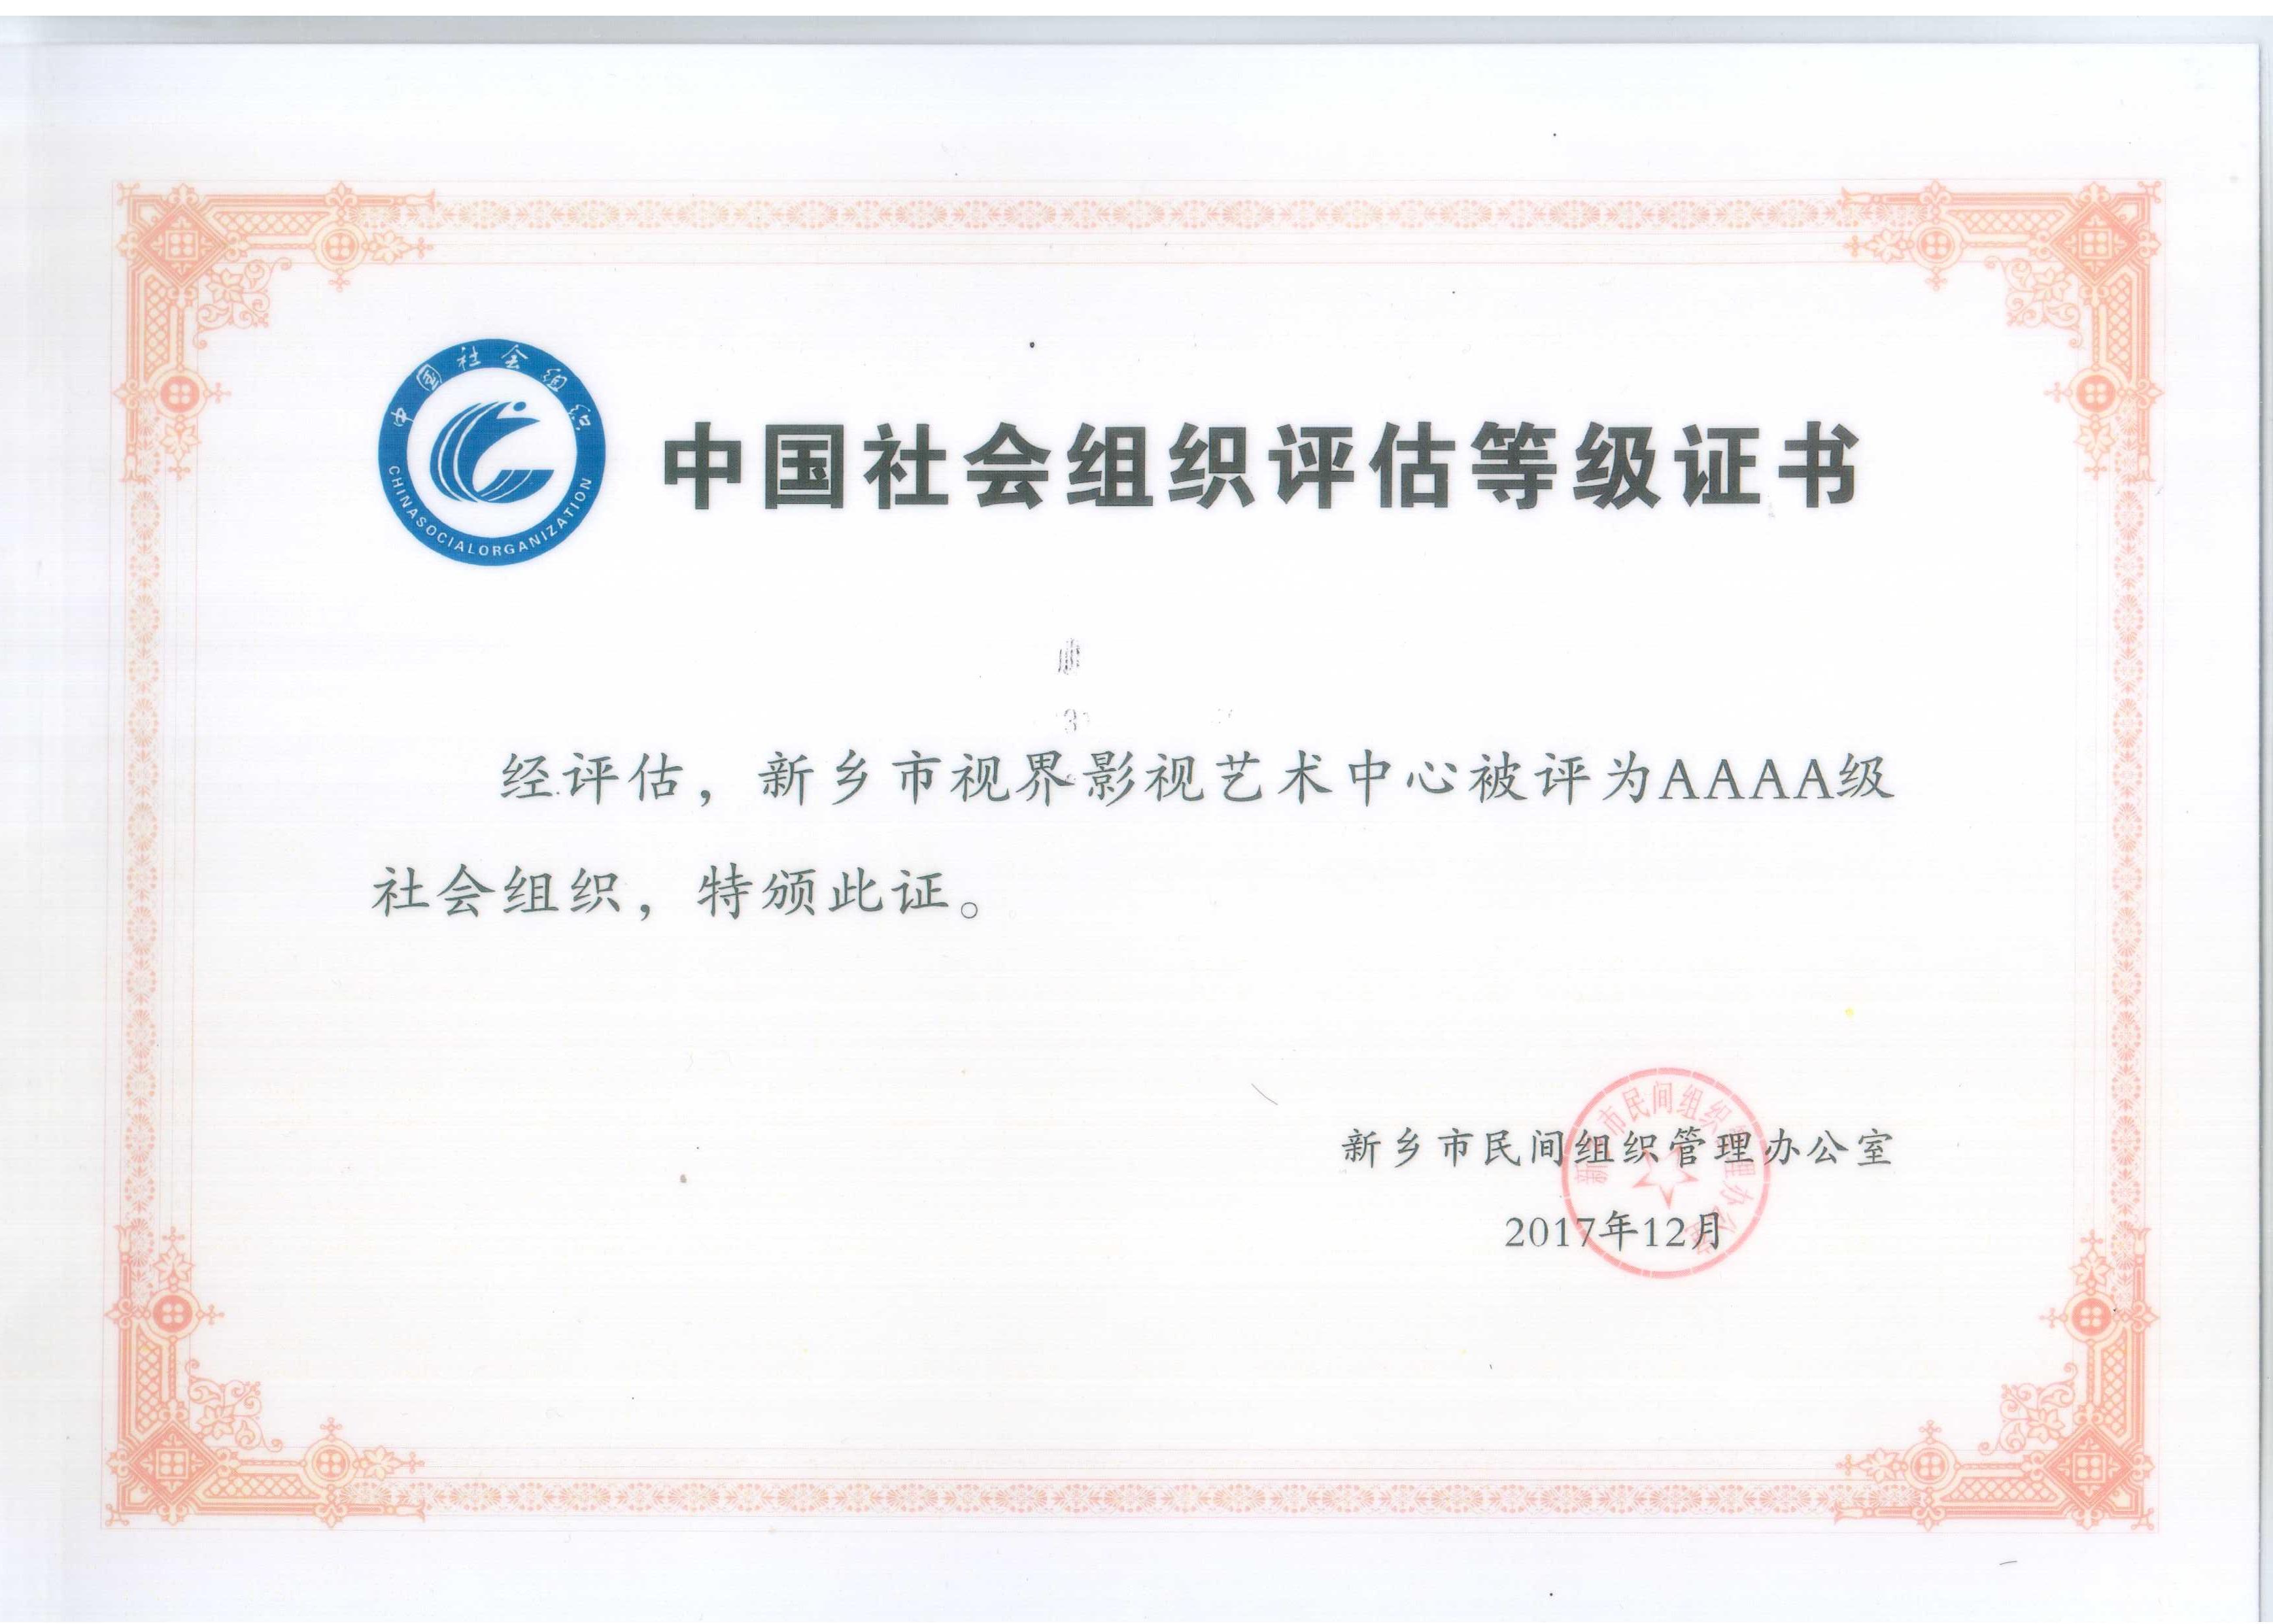 荣誉证书泰诺横:社会组织评估4A级